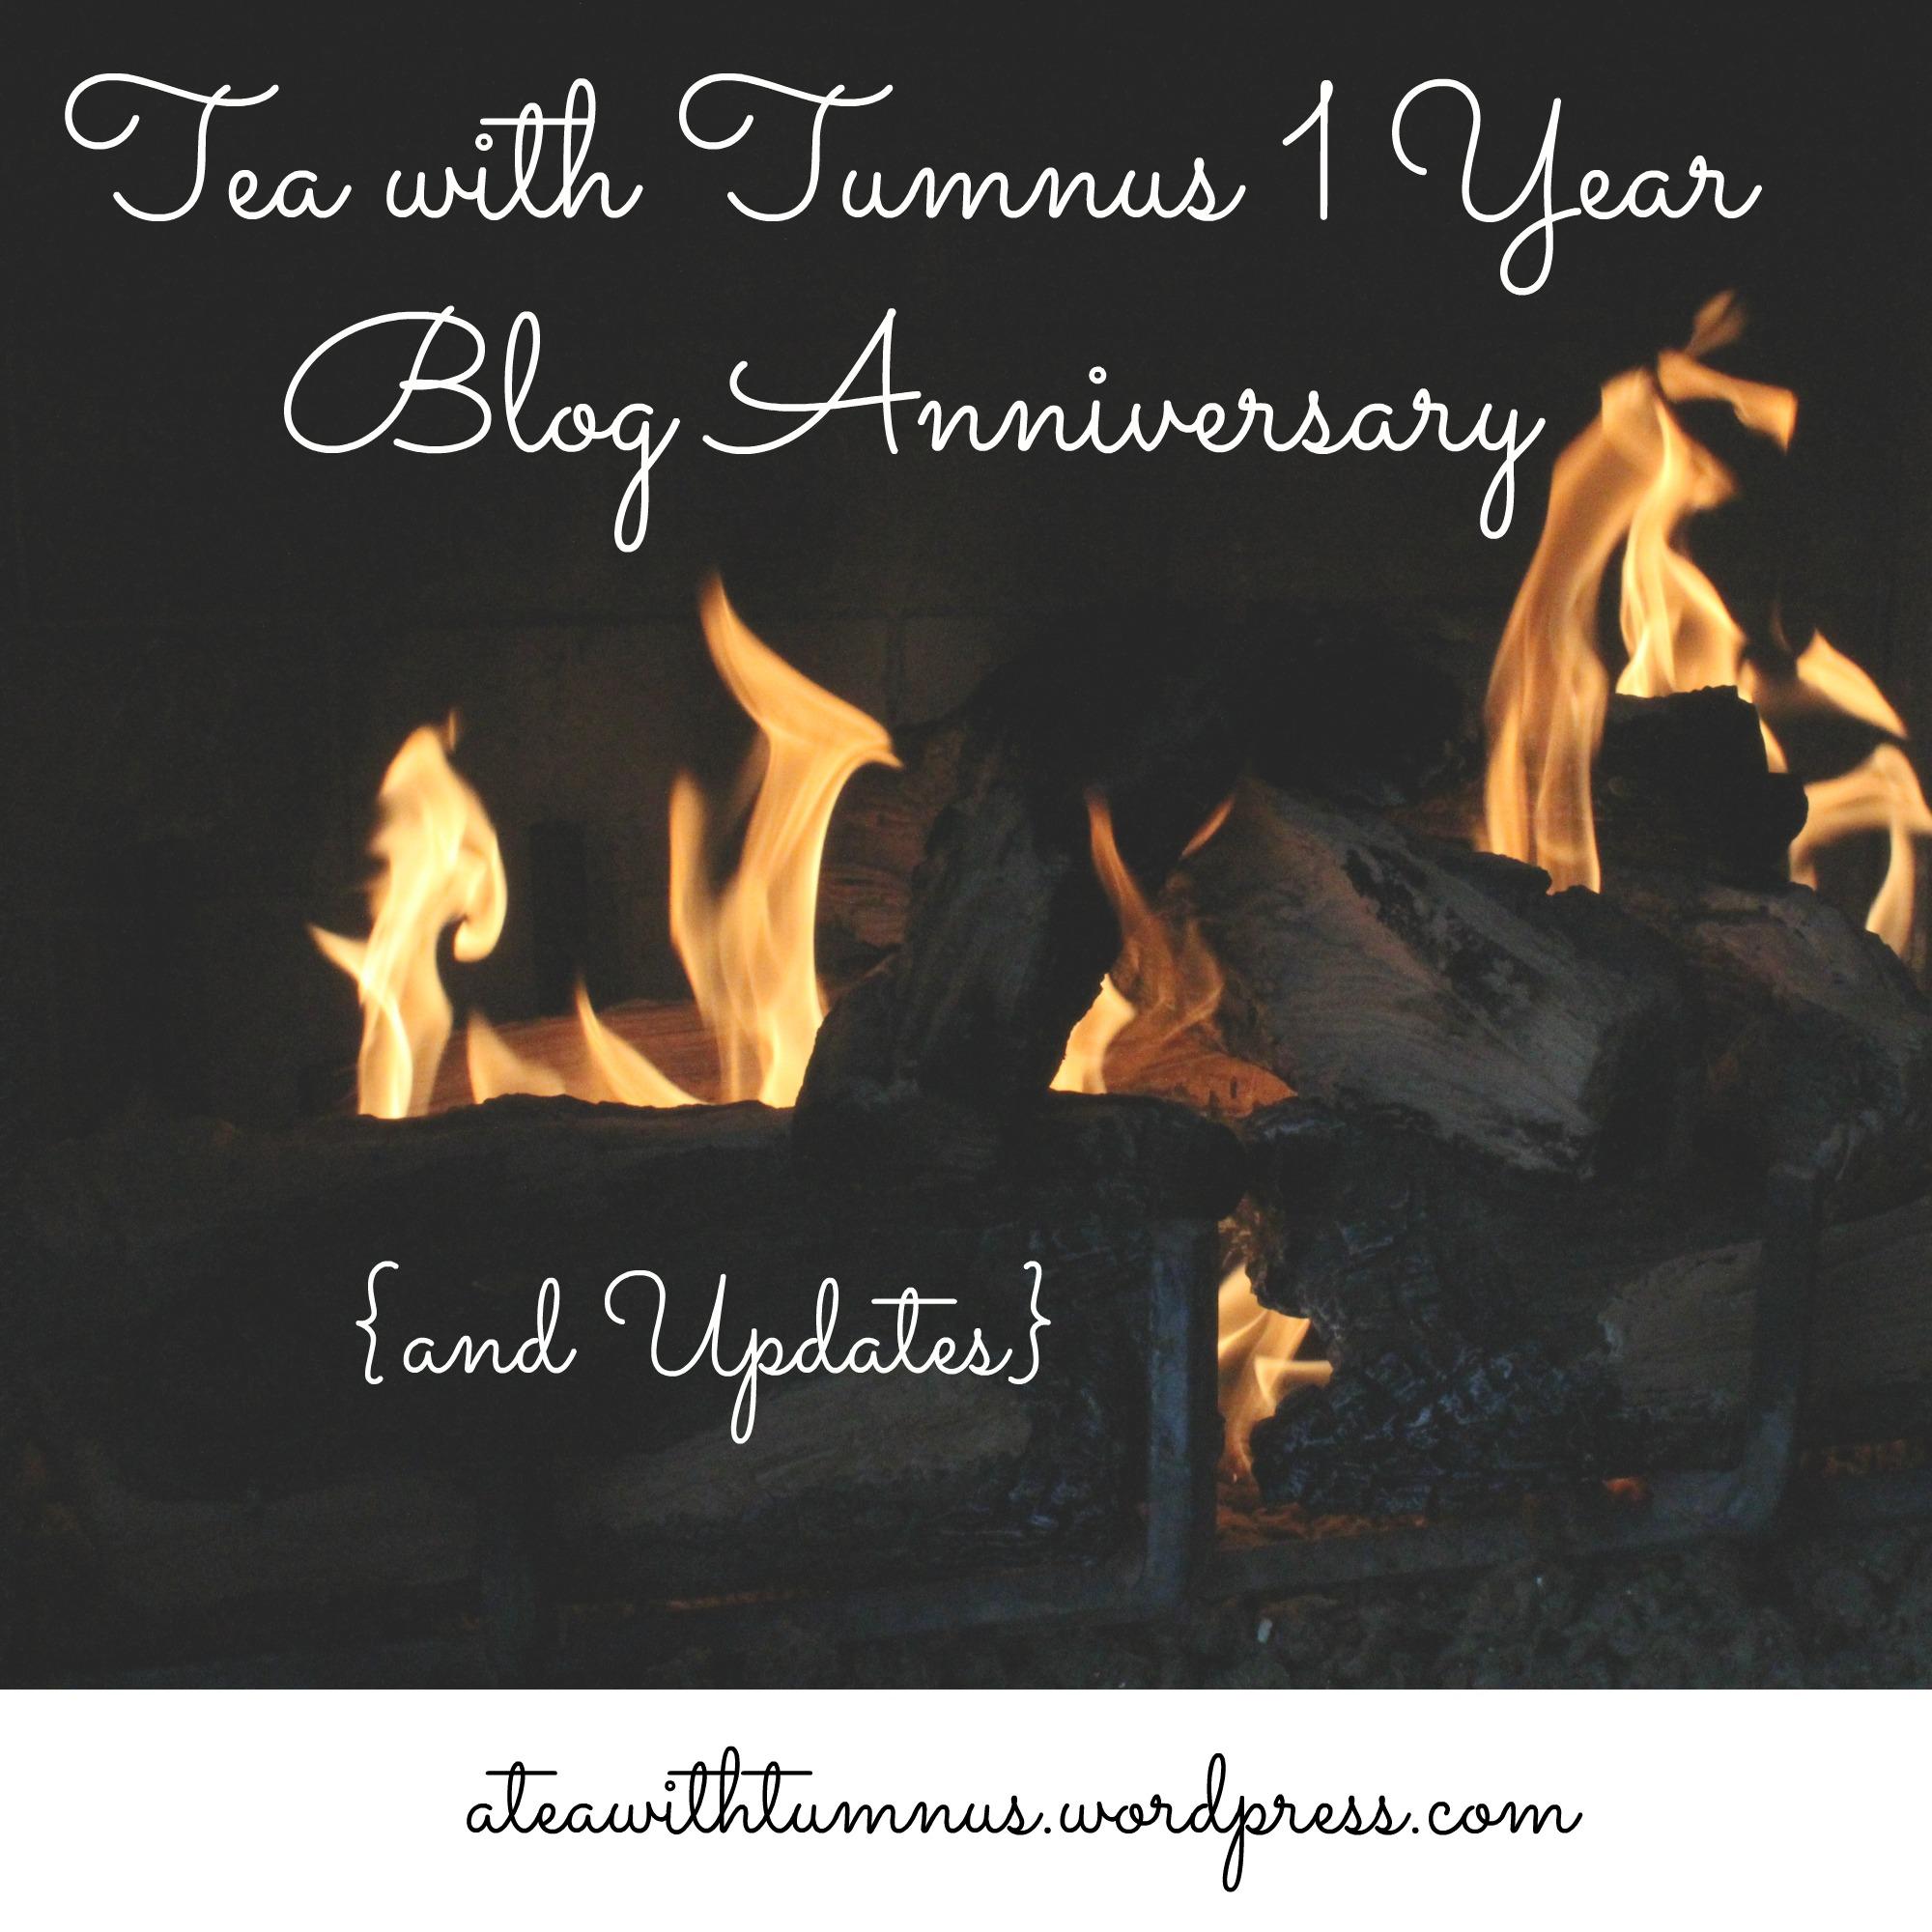 Tea with Tumnus 1 Year Blog Anniversary (and Updates)